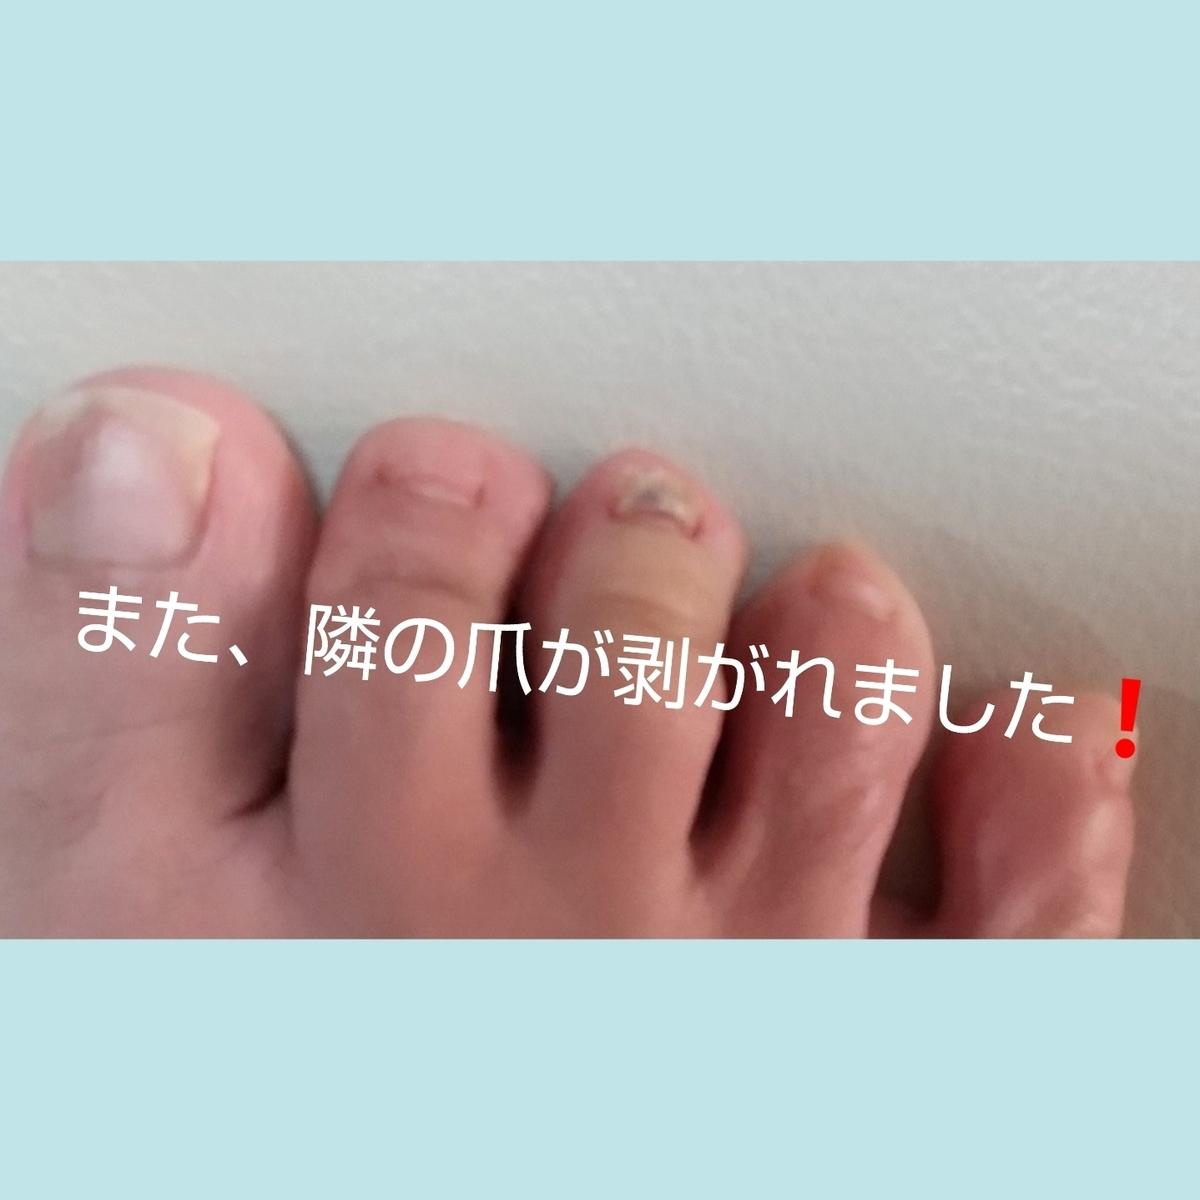 f:id:oojiro_026:20210301184903j:plain